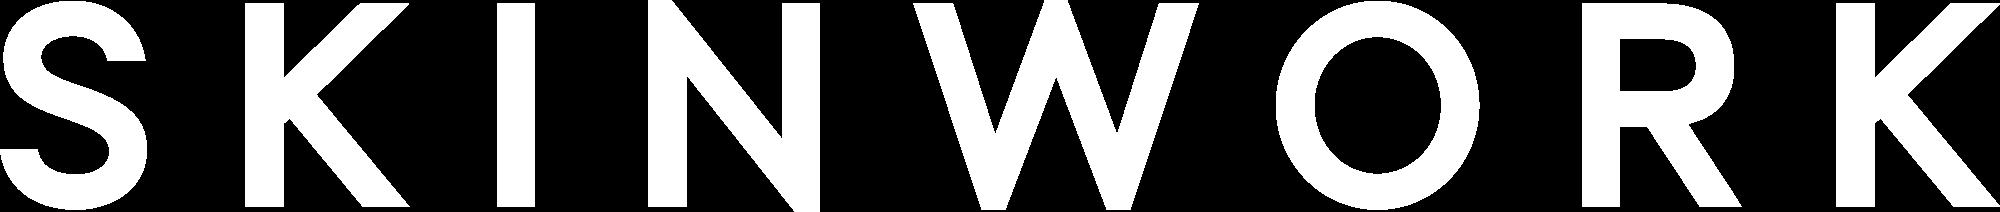 Skinwork_Logo_Bold_White.png